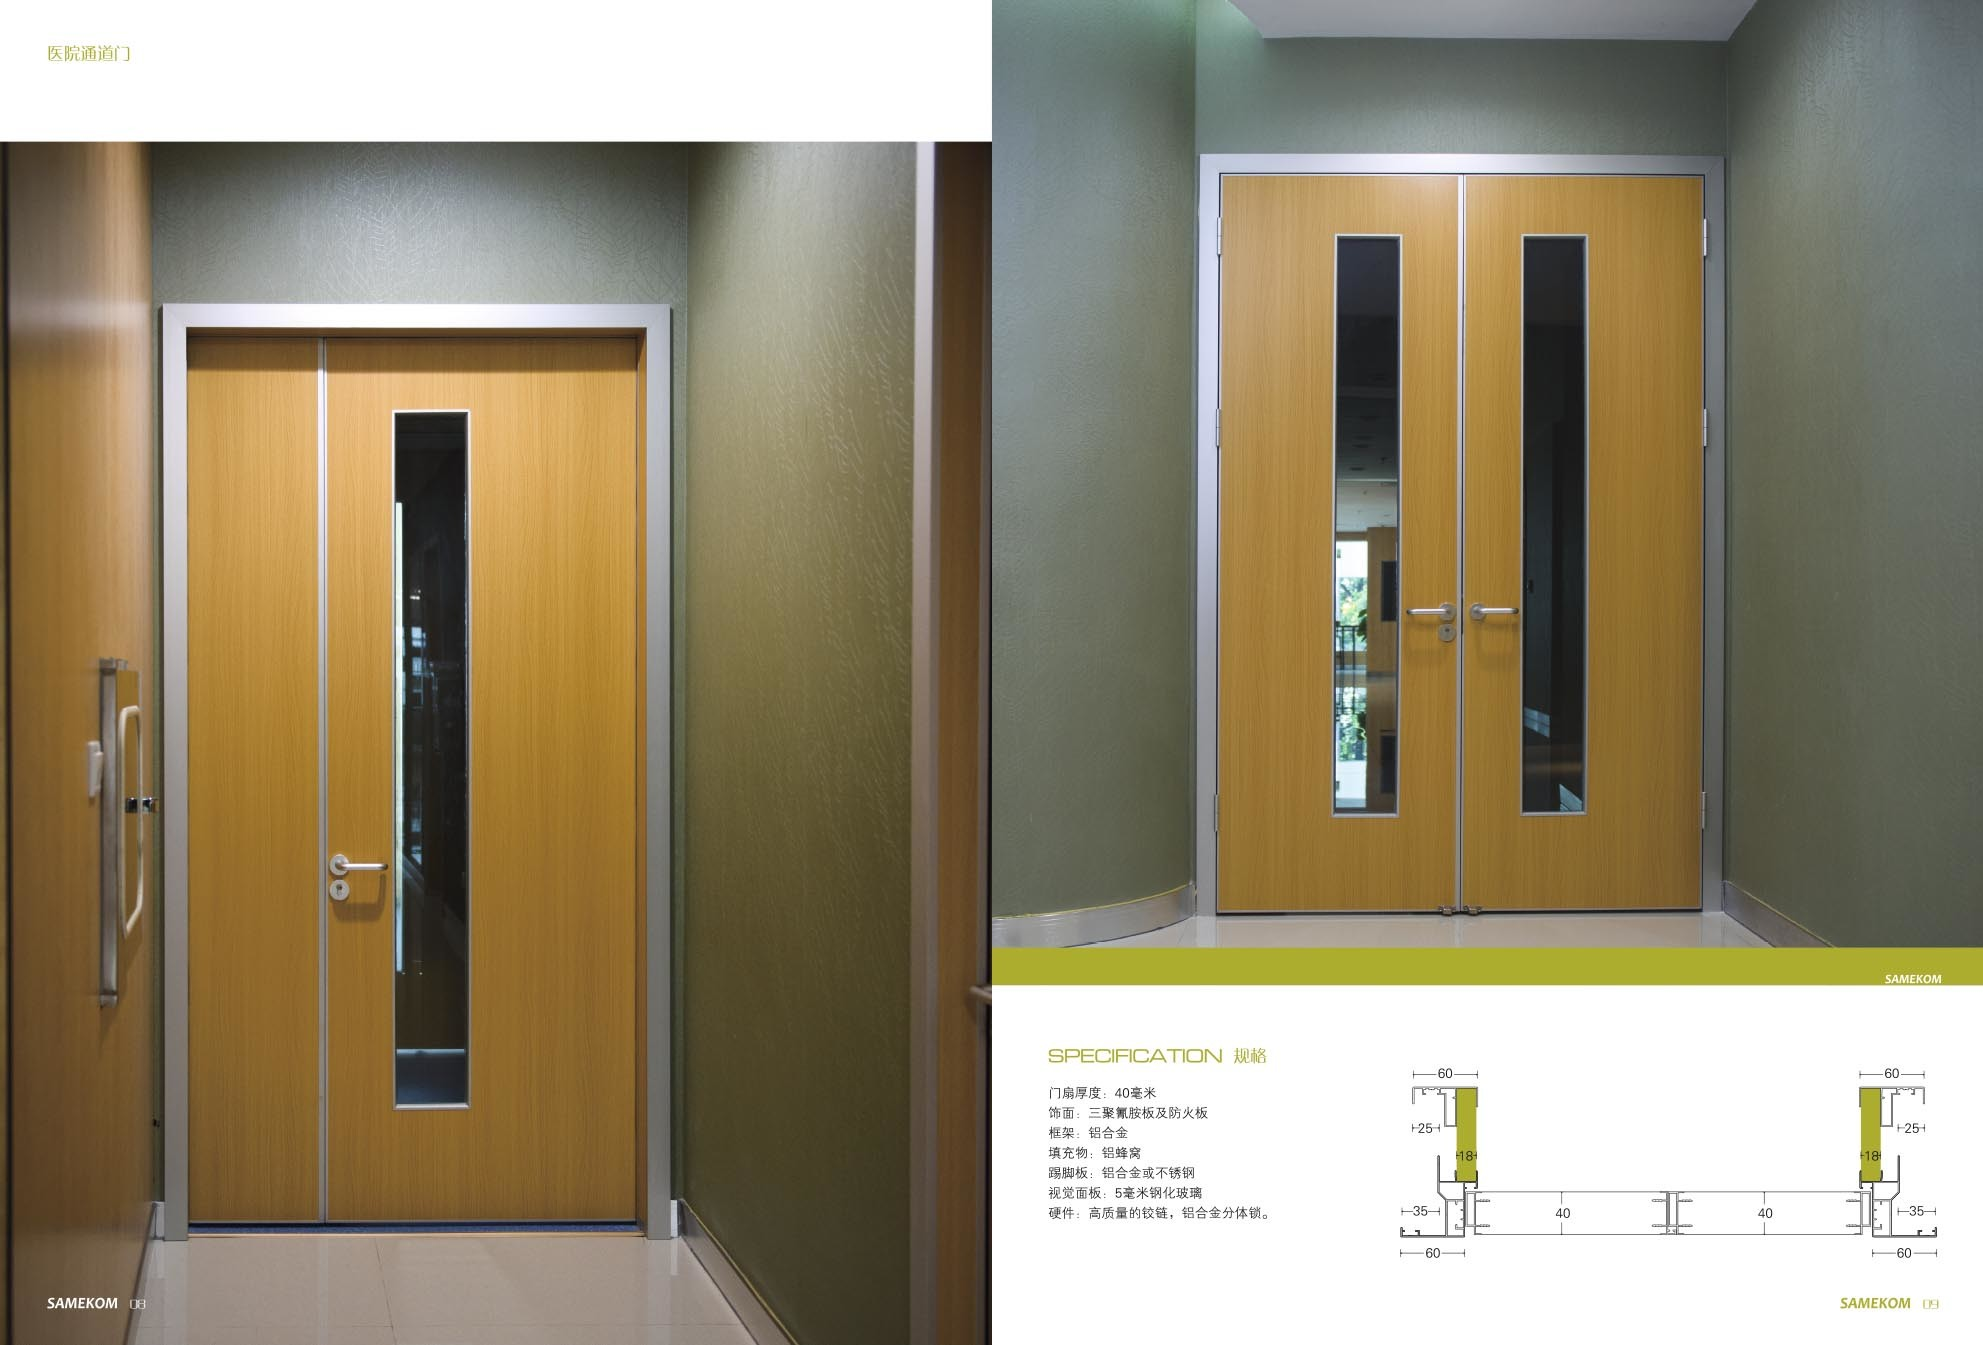 China Double Door Hospital, Door Design for School